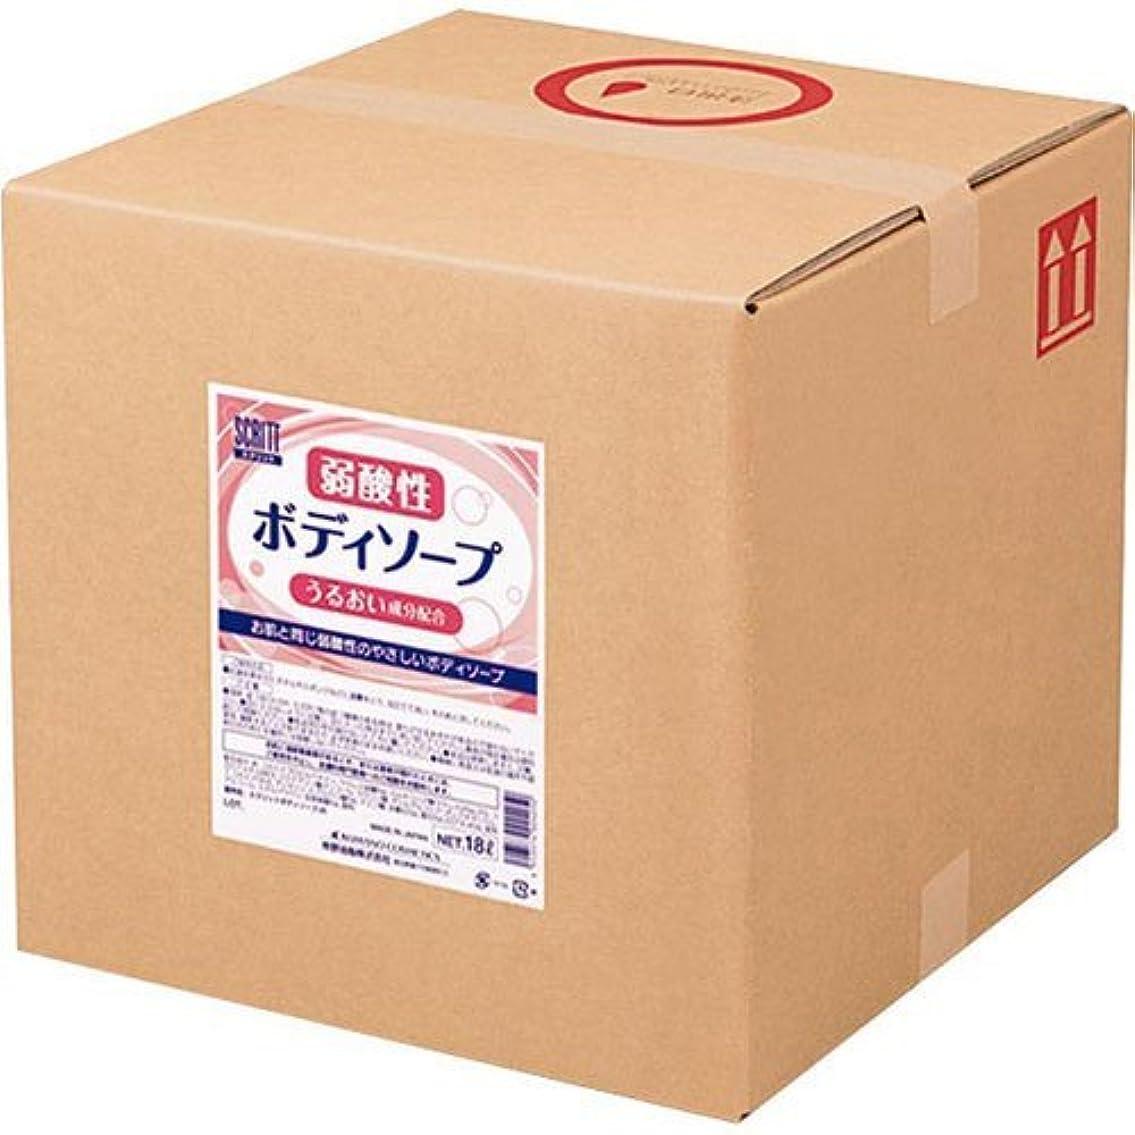 うるさい社交的群がる熊野油脂 業務用 SCRITT(スクリット) 弱酸性ボディソープ 18L